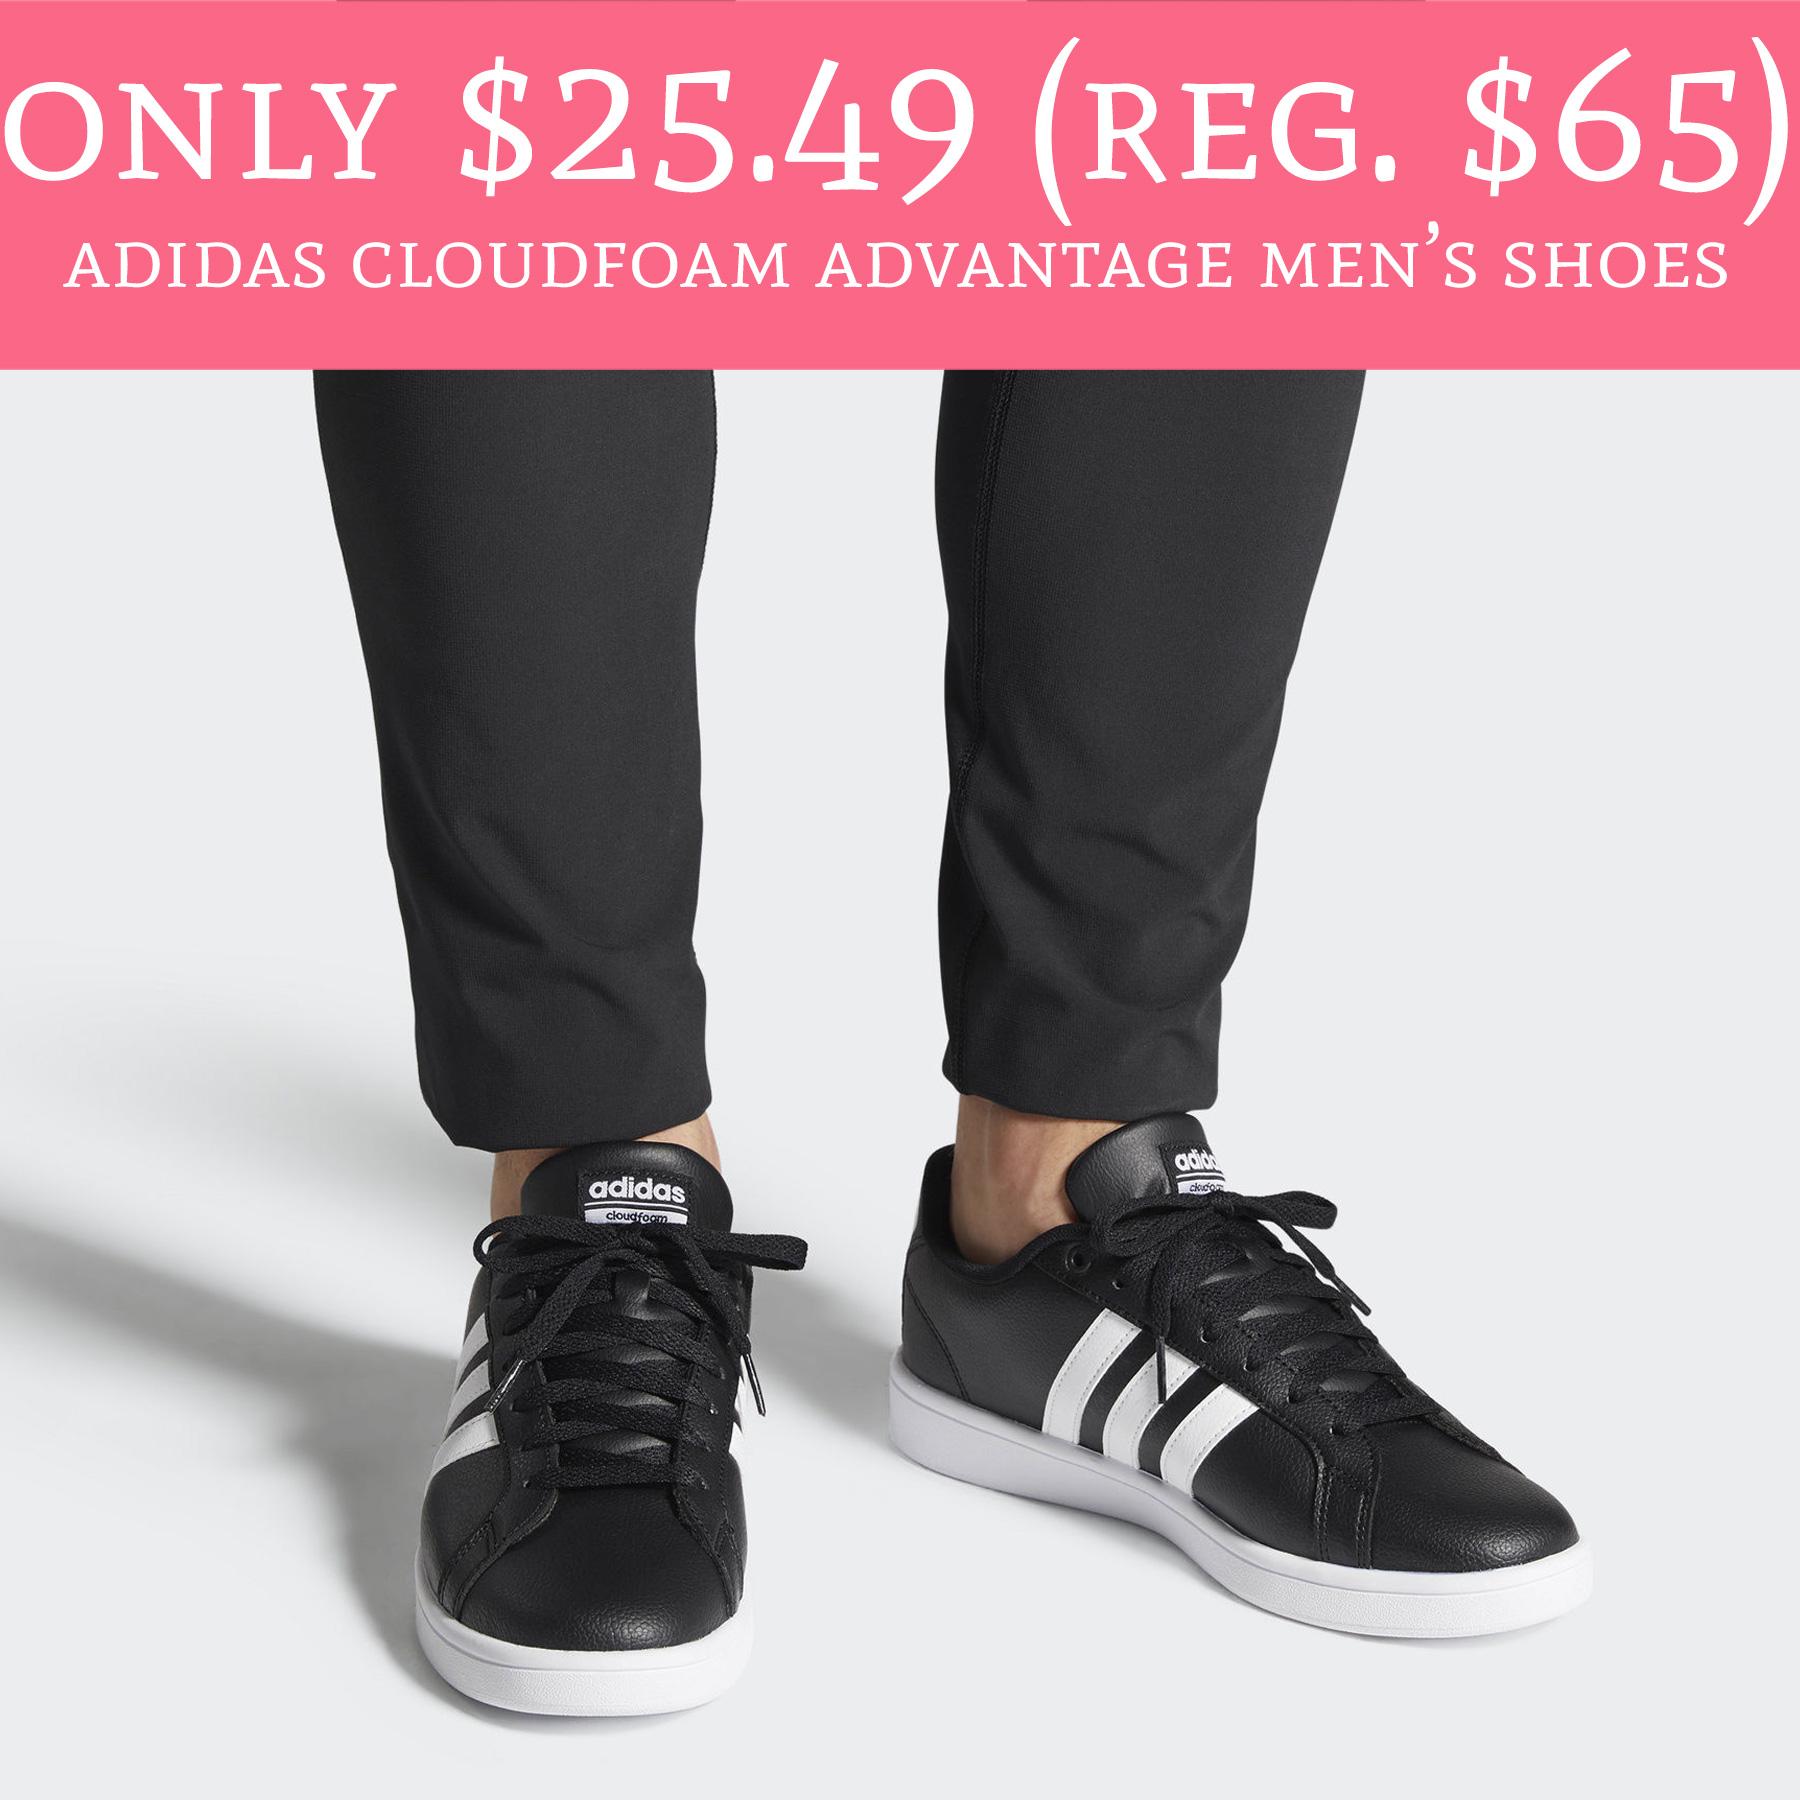 Only $25.49 (Regular $65) Adidas Cloudfoam Advantage Men's Shoes ...